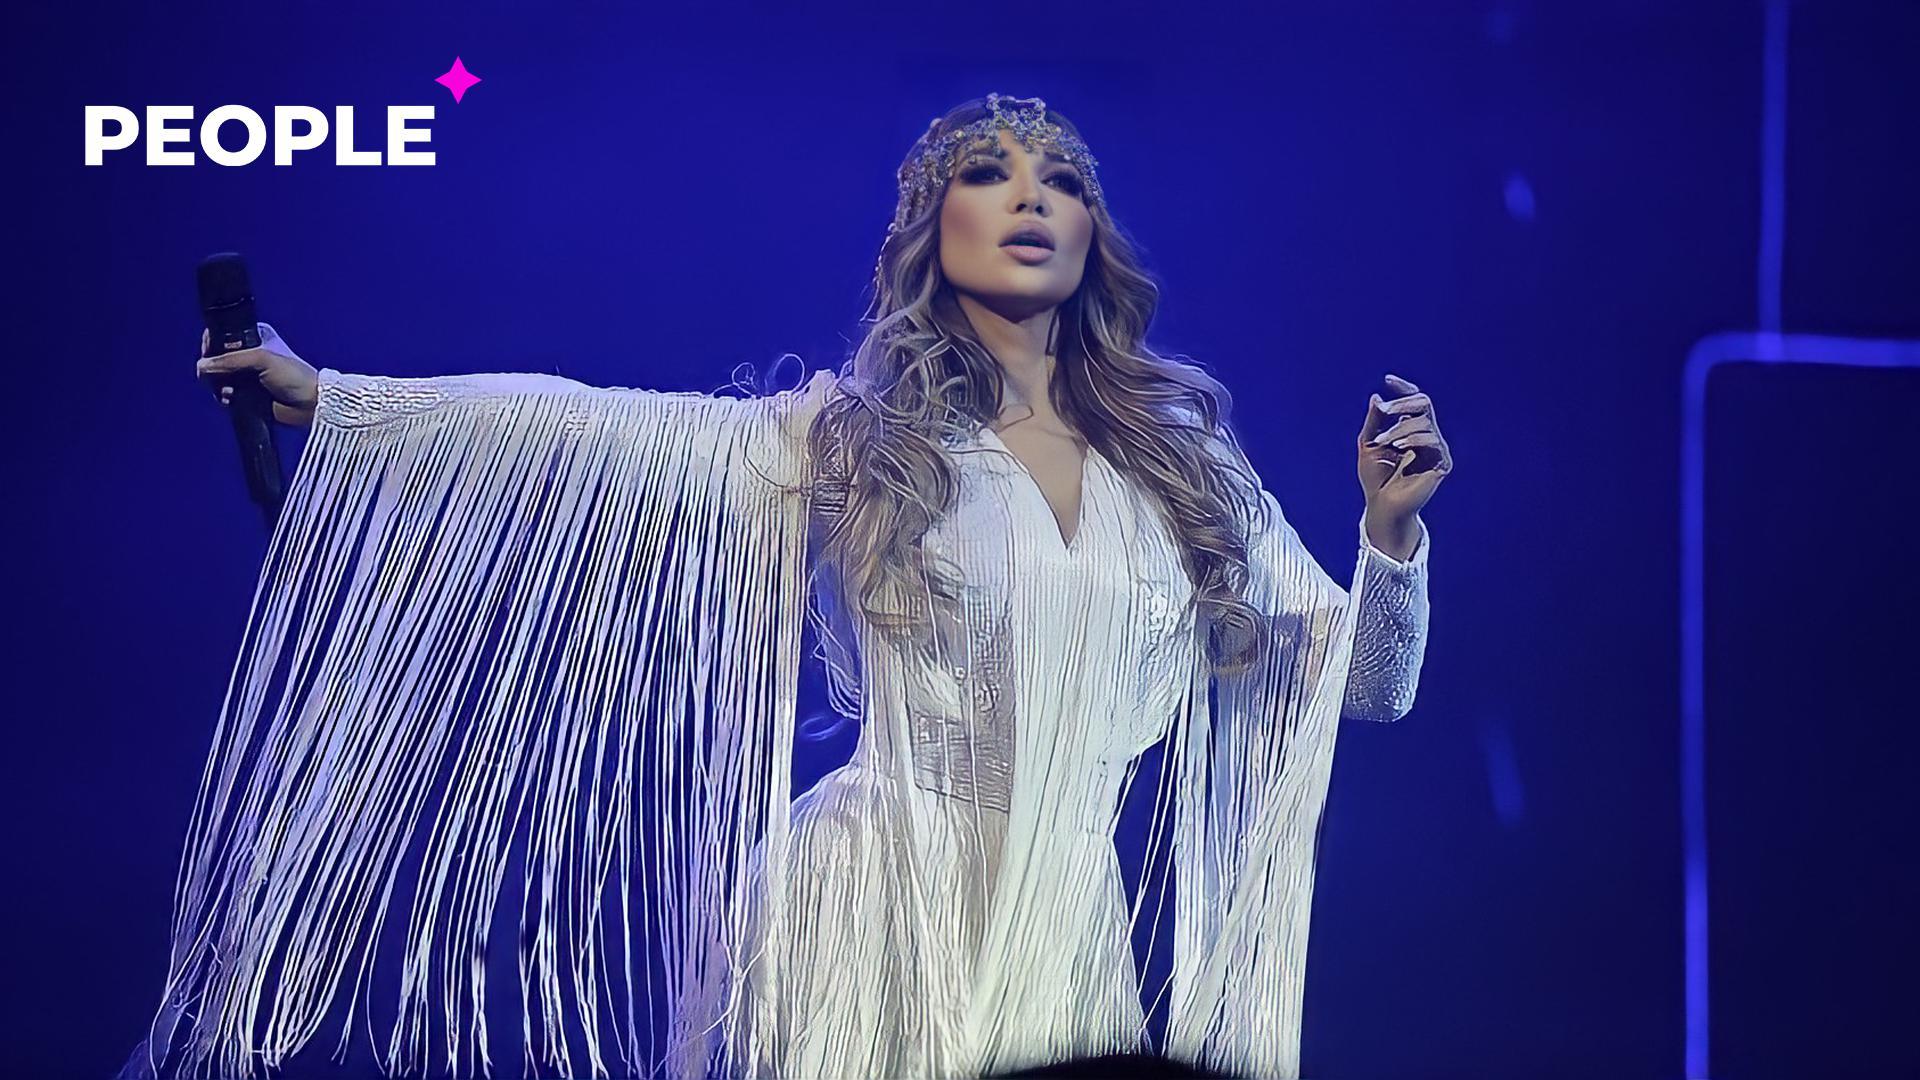 Певица Райхон провела грандиозный концерт в Москве